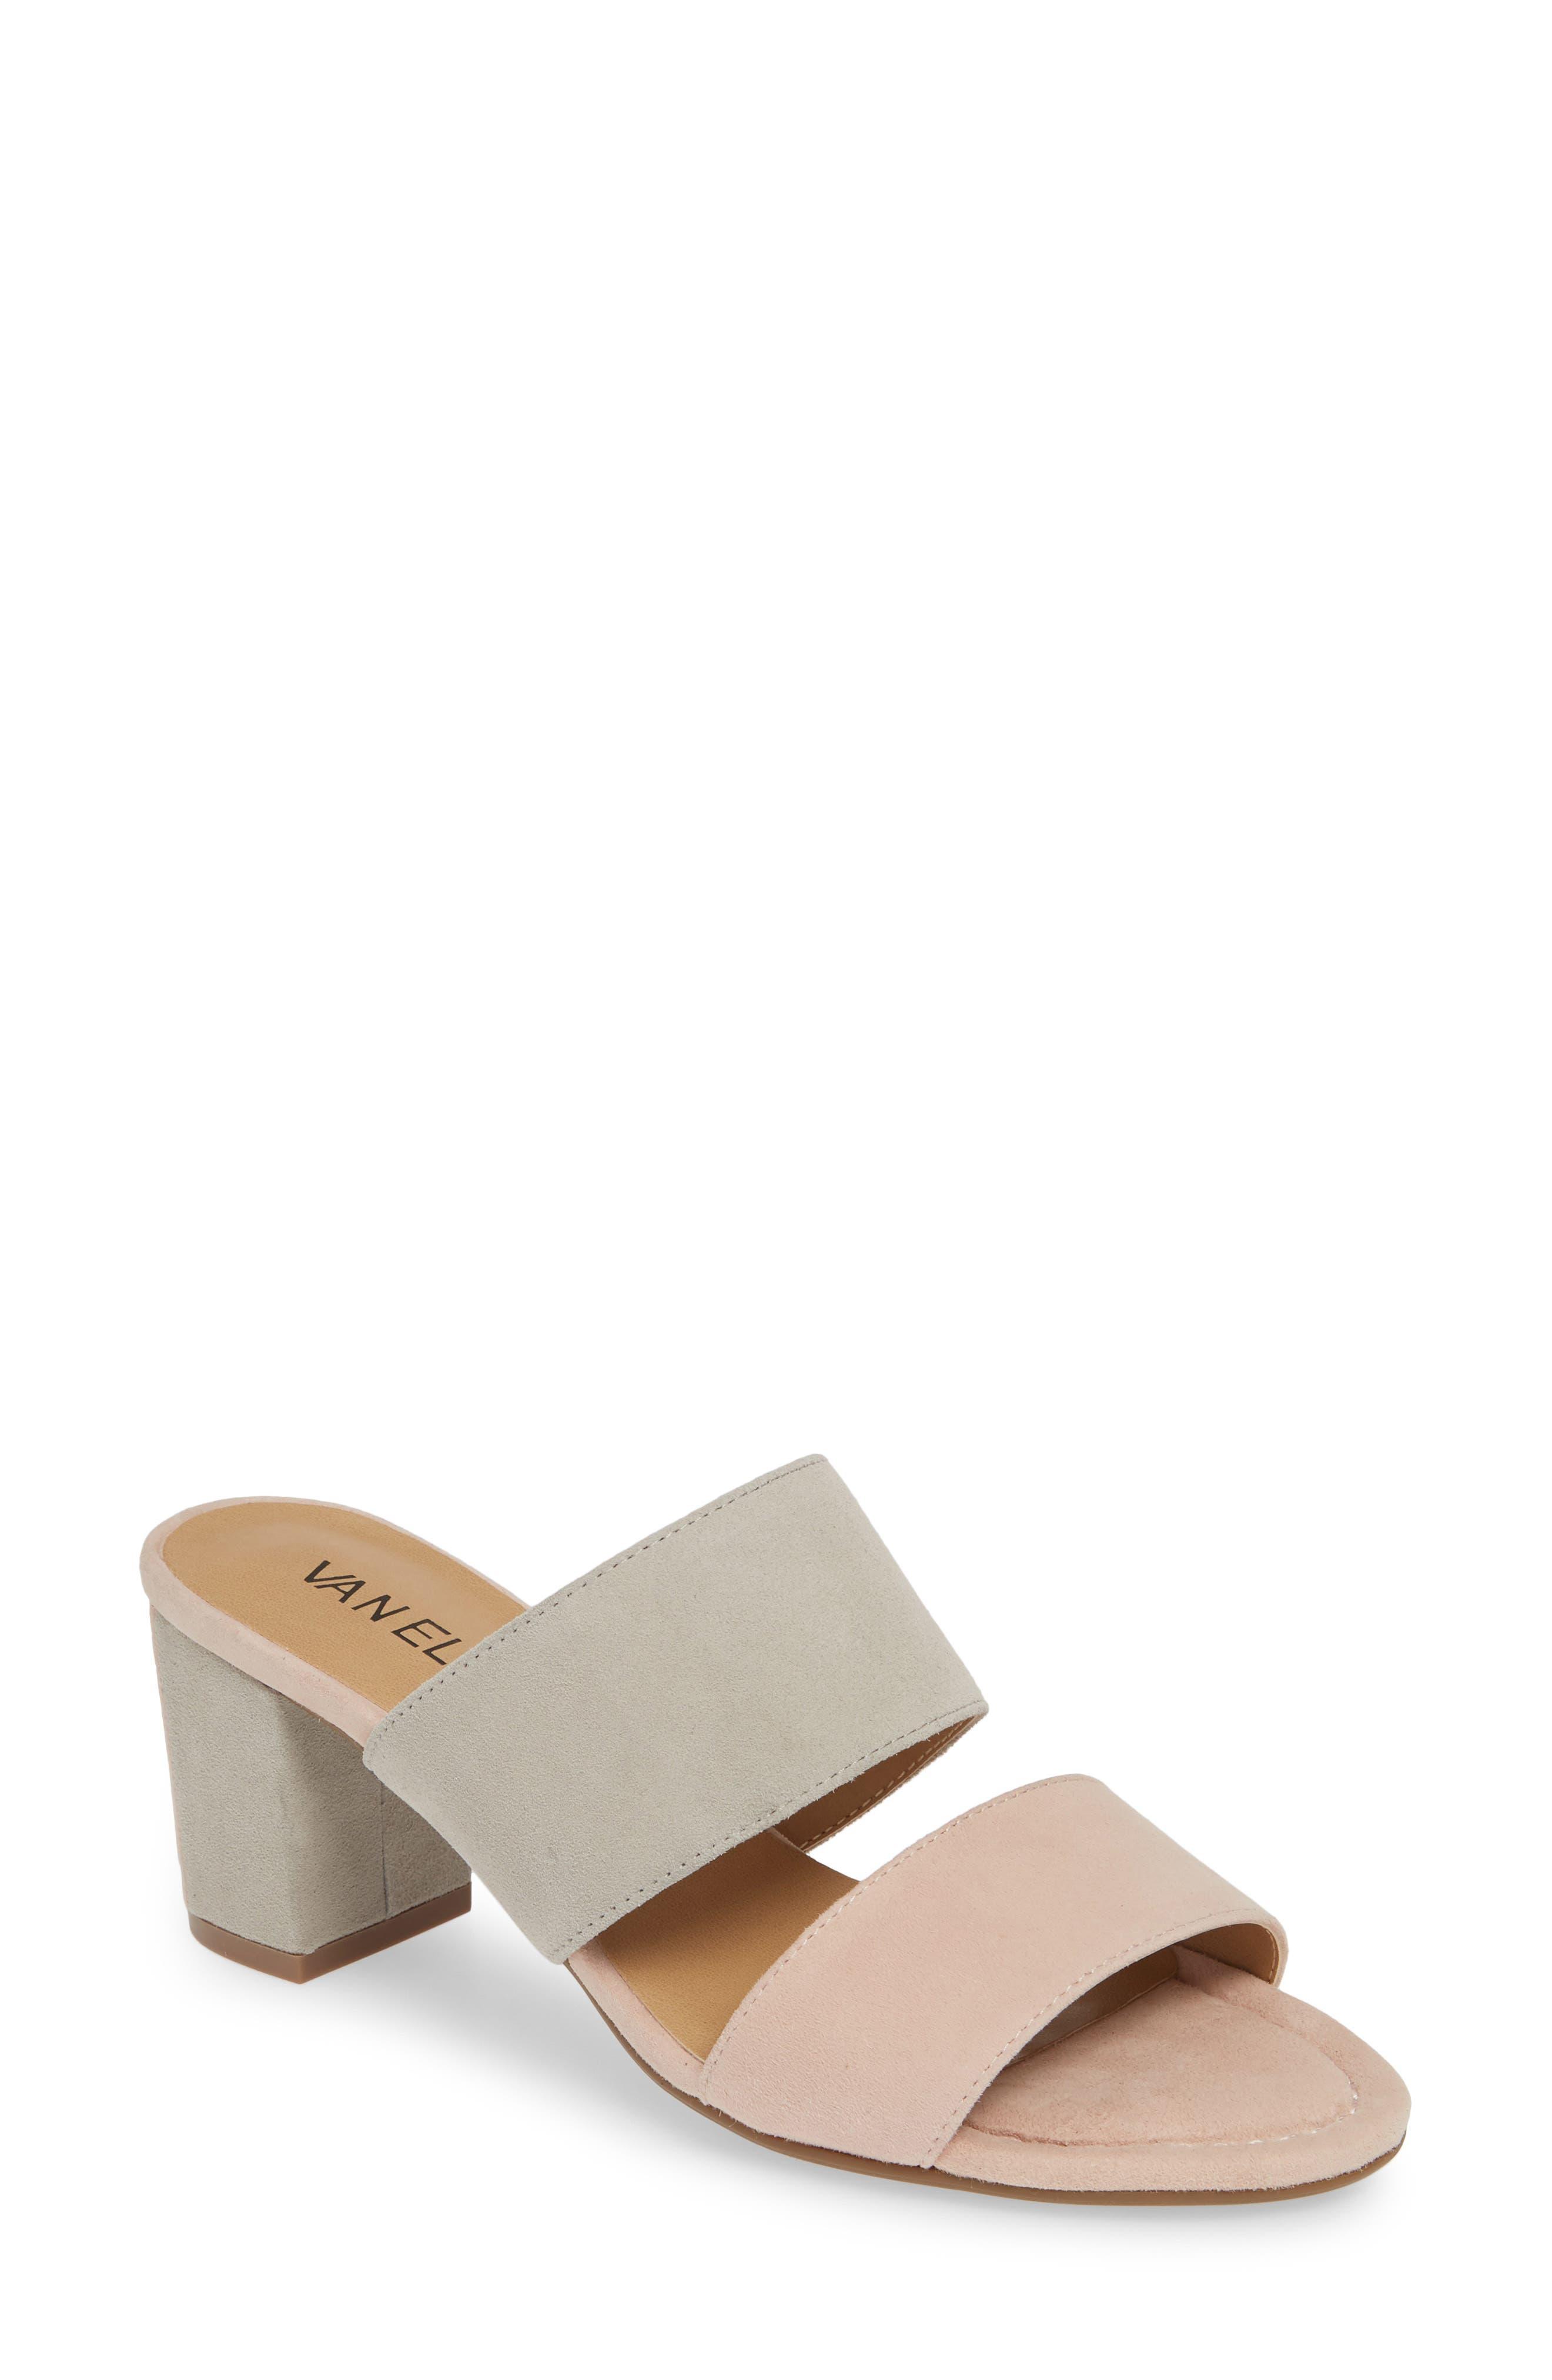 Matida Slide Sandal, Main, color, BLUSH/ DOVE SUEDE